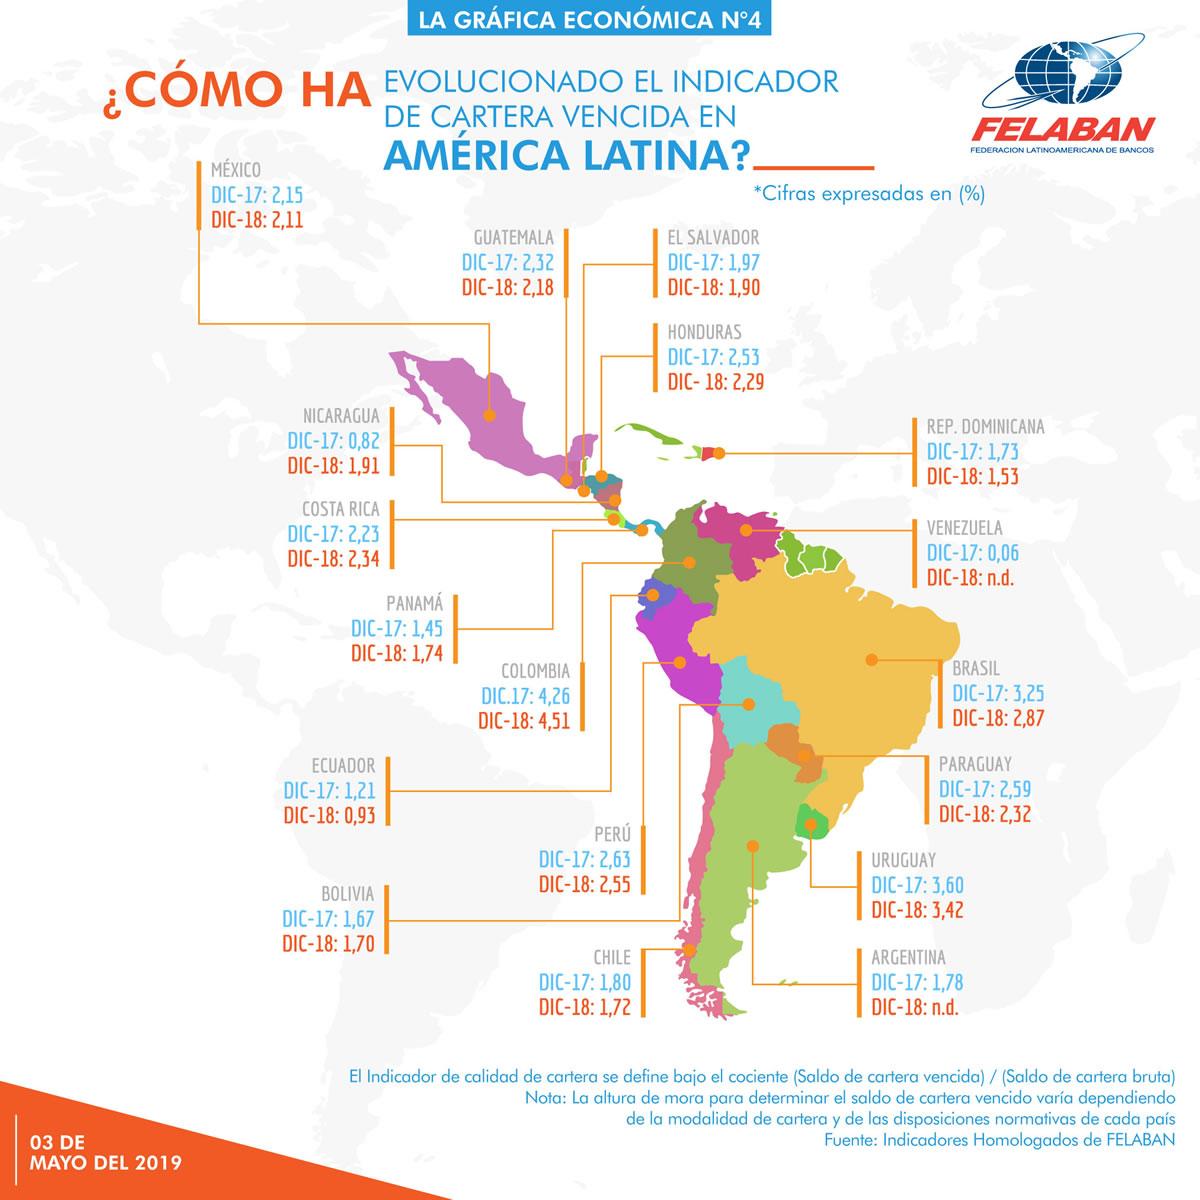 Gráfica Económica Nro 4 - Indicador de Cartera Vencida América Latina 2017-2018